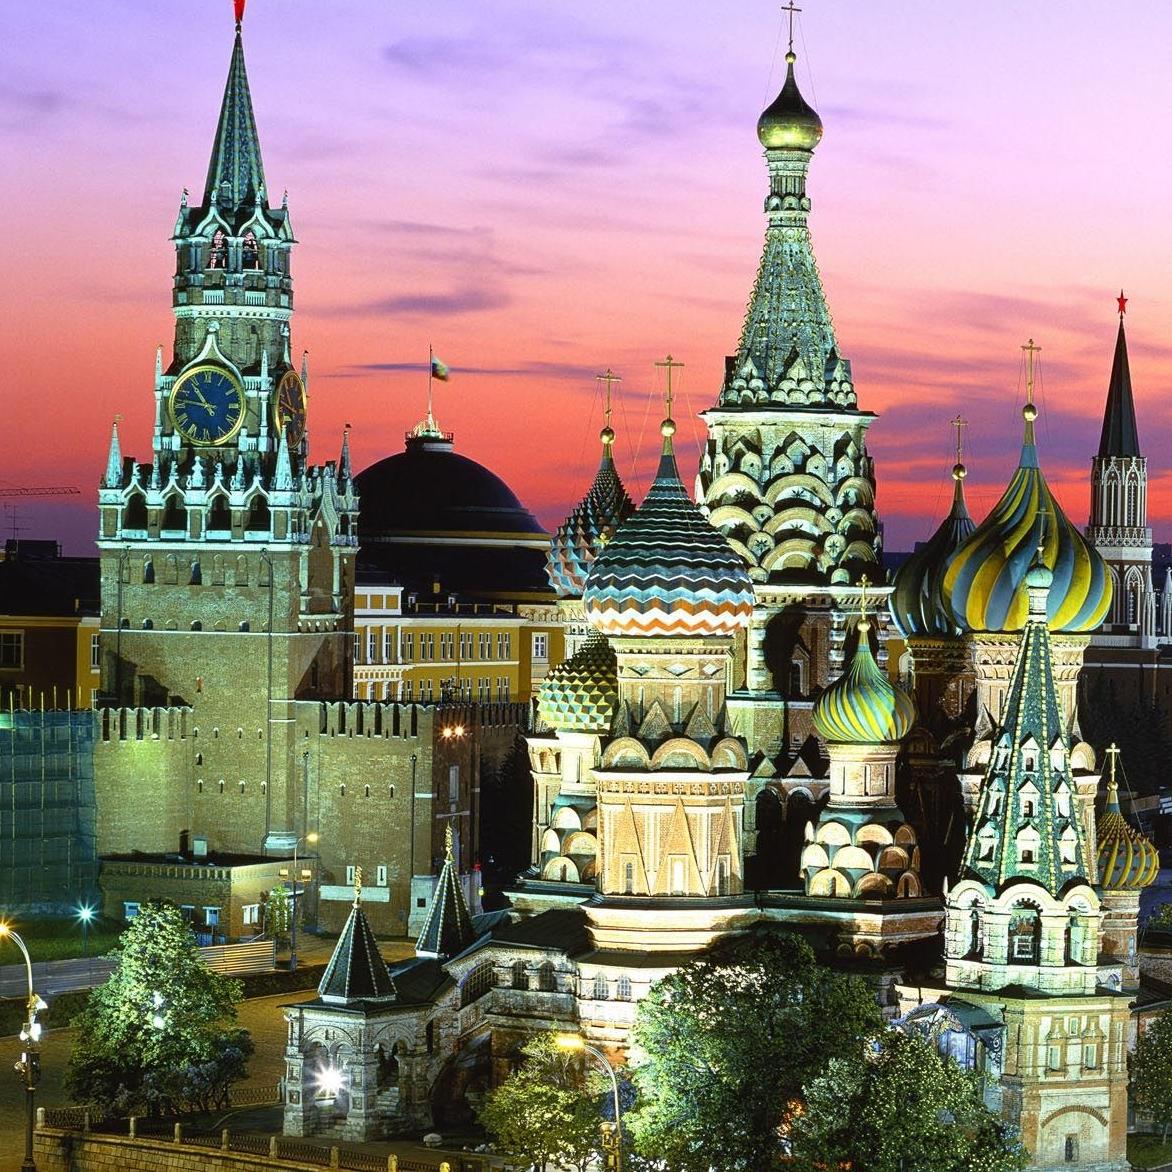 Картинки по запросу туры по россии из санкт-петербурга